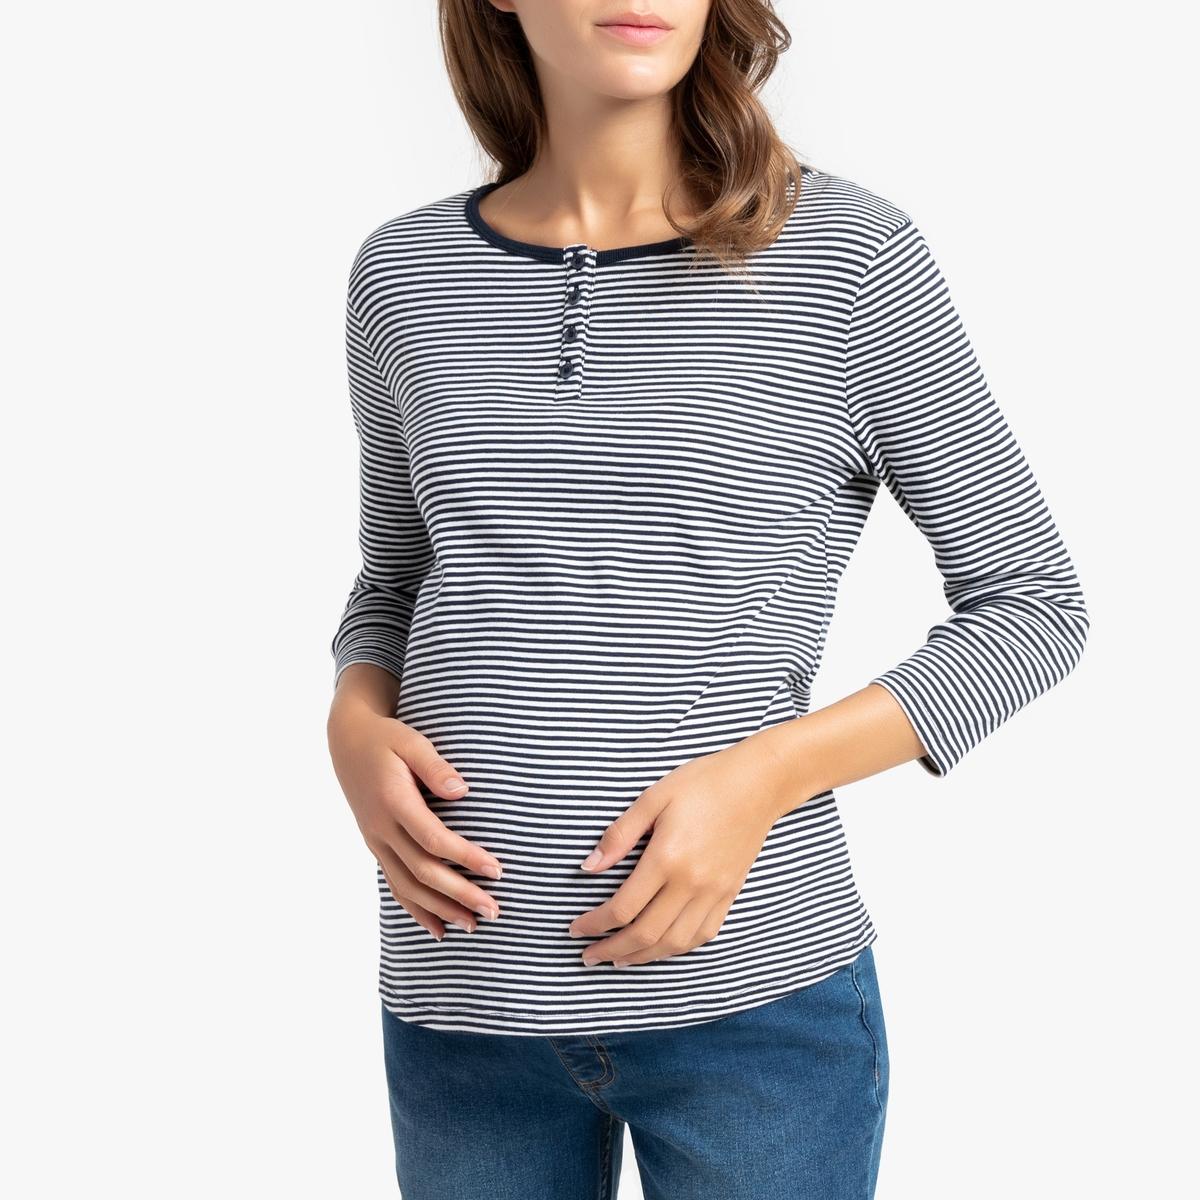 Футболка La Redoute Для периода беременности с длинными рукавами в полоску S белый платье la redoute из трикотажа для периода беременности s другие